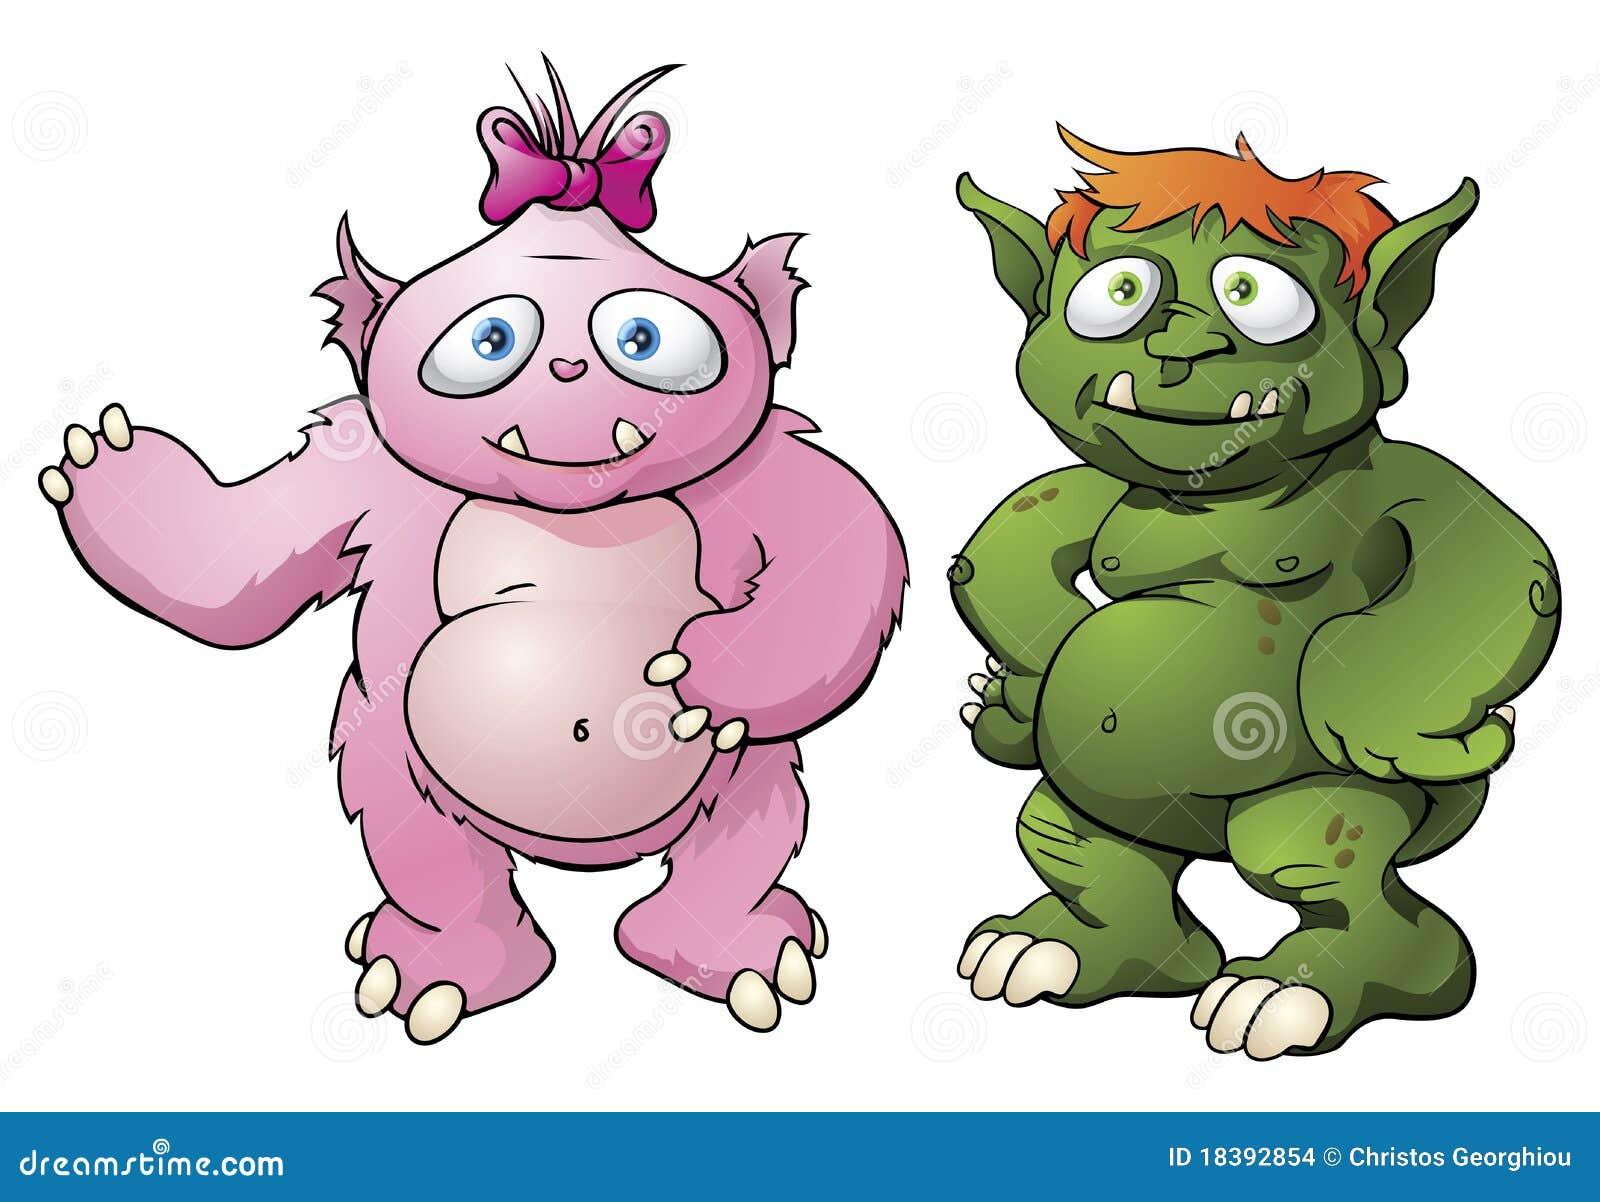 Cartoon Characters Cute : Cute monster cartoon characters stock vector